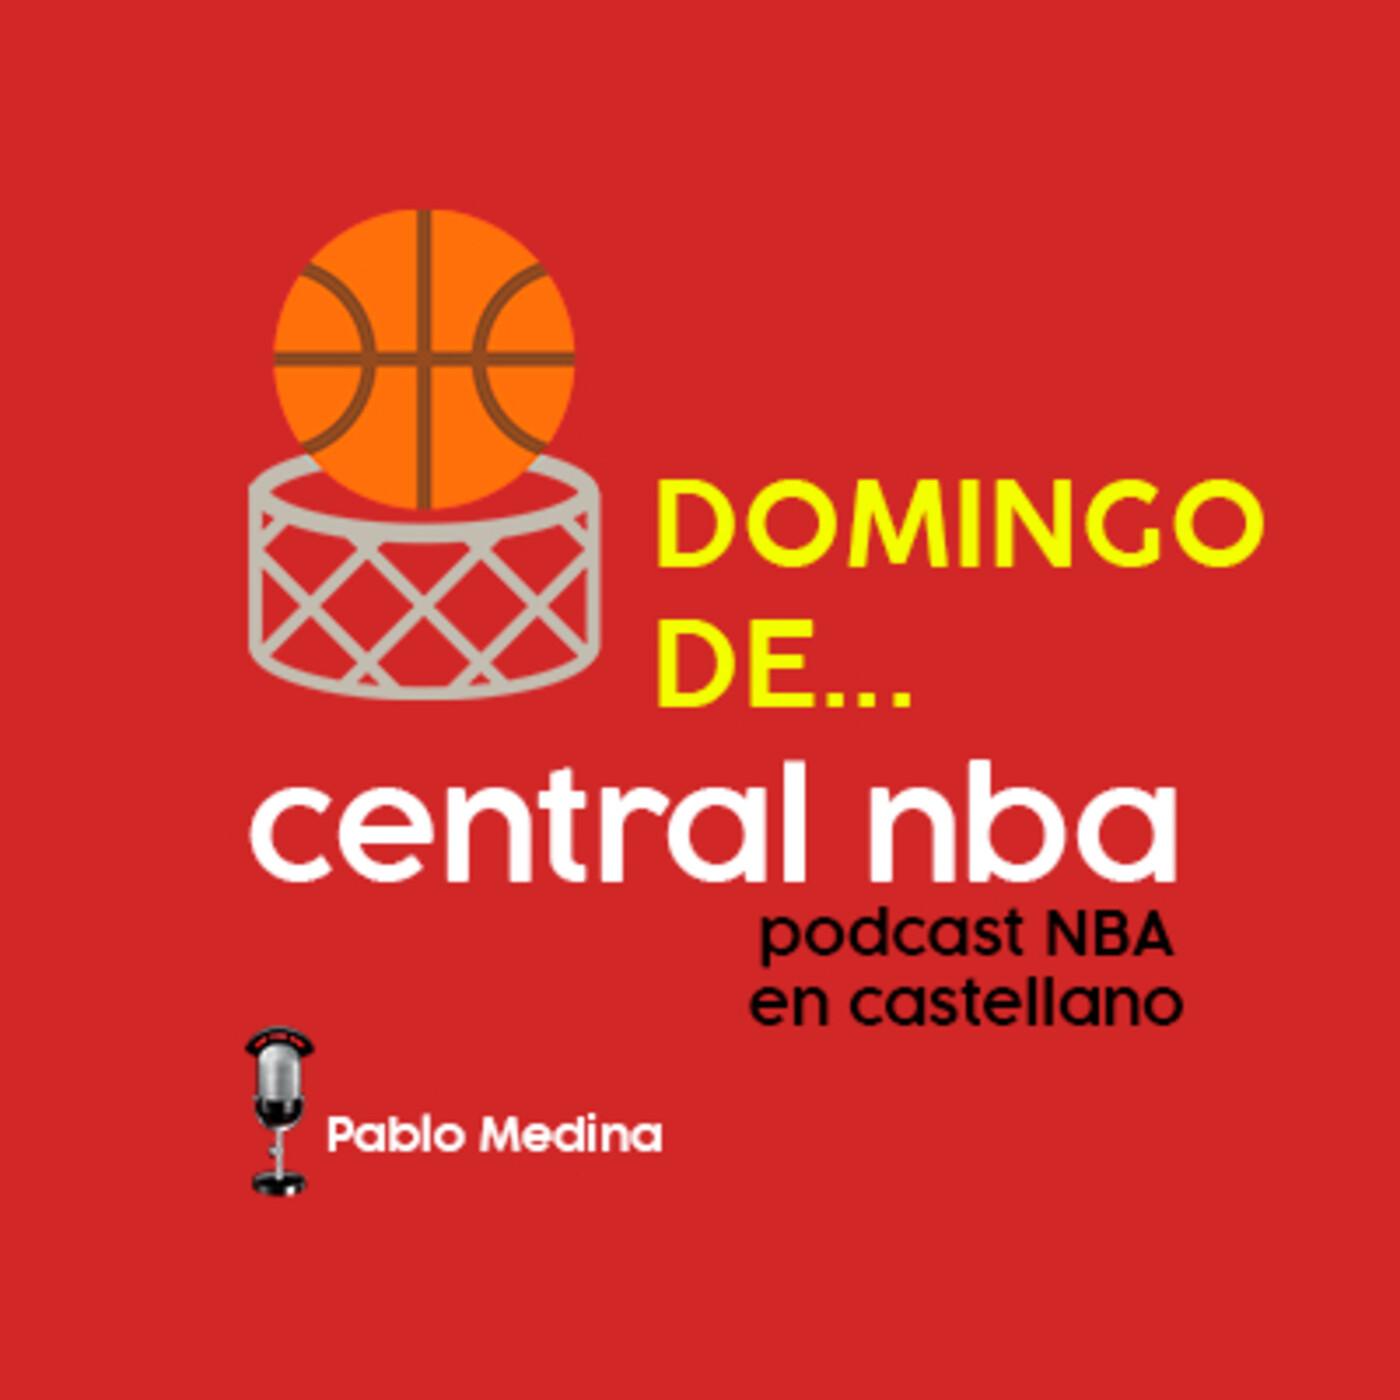 LEBRON, KAWHI, DECEPCIÓN DE LOS ROCKETS, GIANNIS Y SU INSTAGRAM y MUCHO MÁS - DOMINGO DE CENTRAL NBA #1 (13/09/2020)